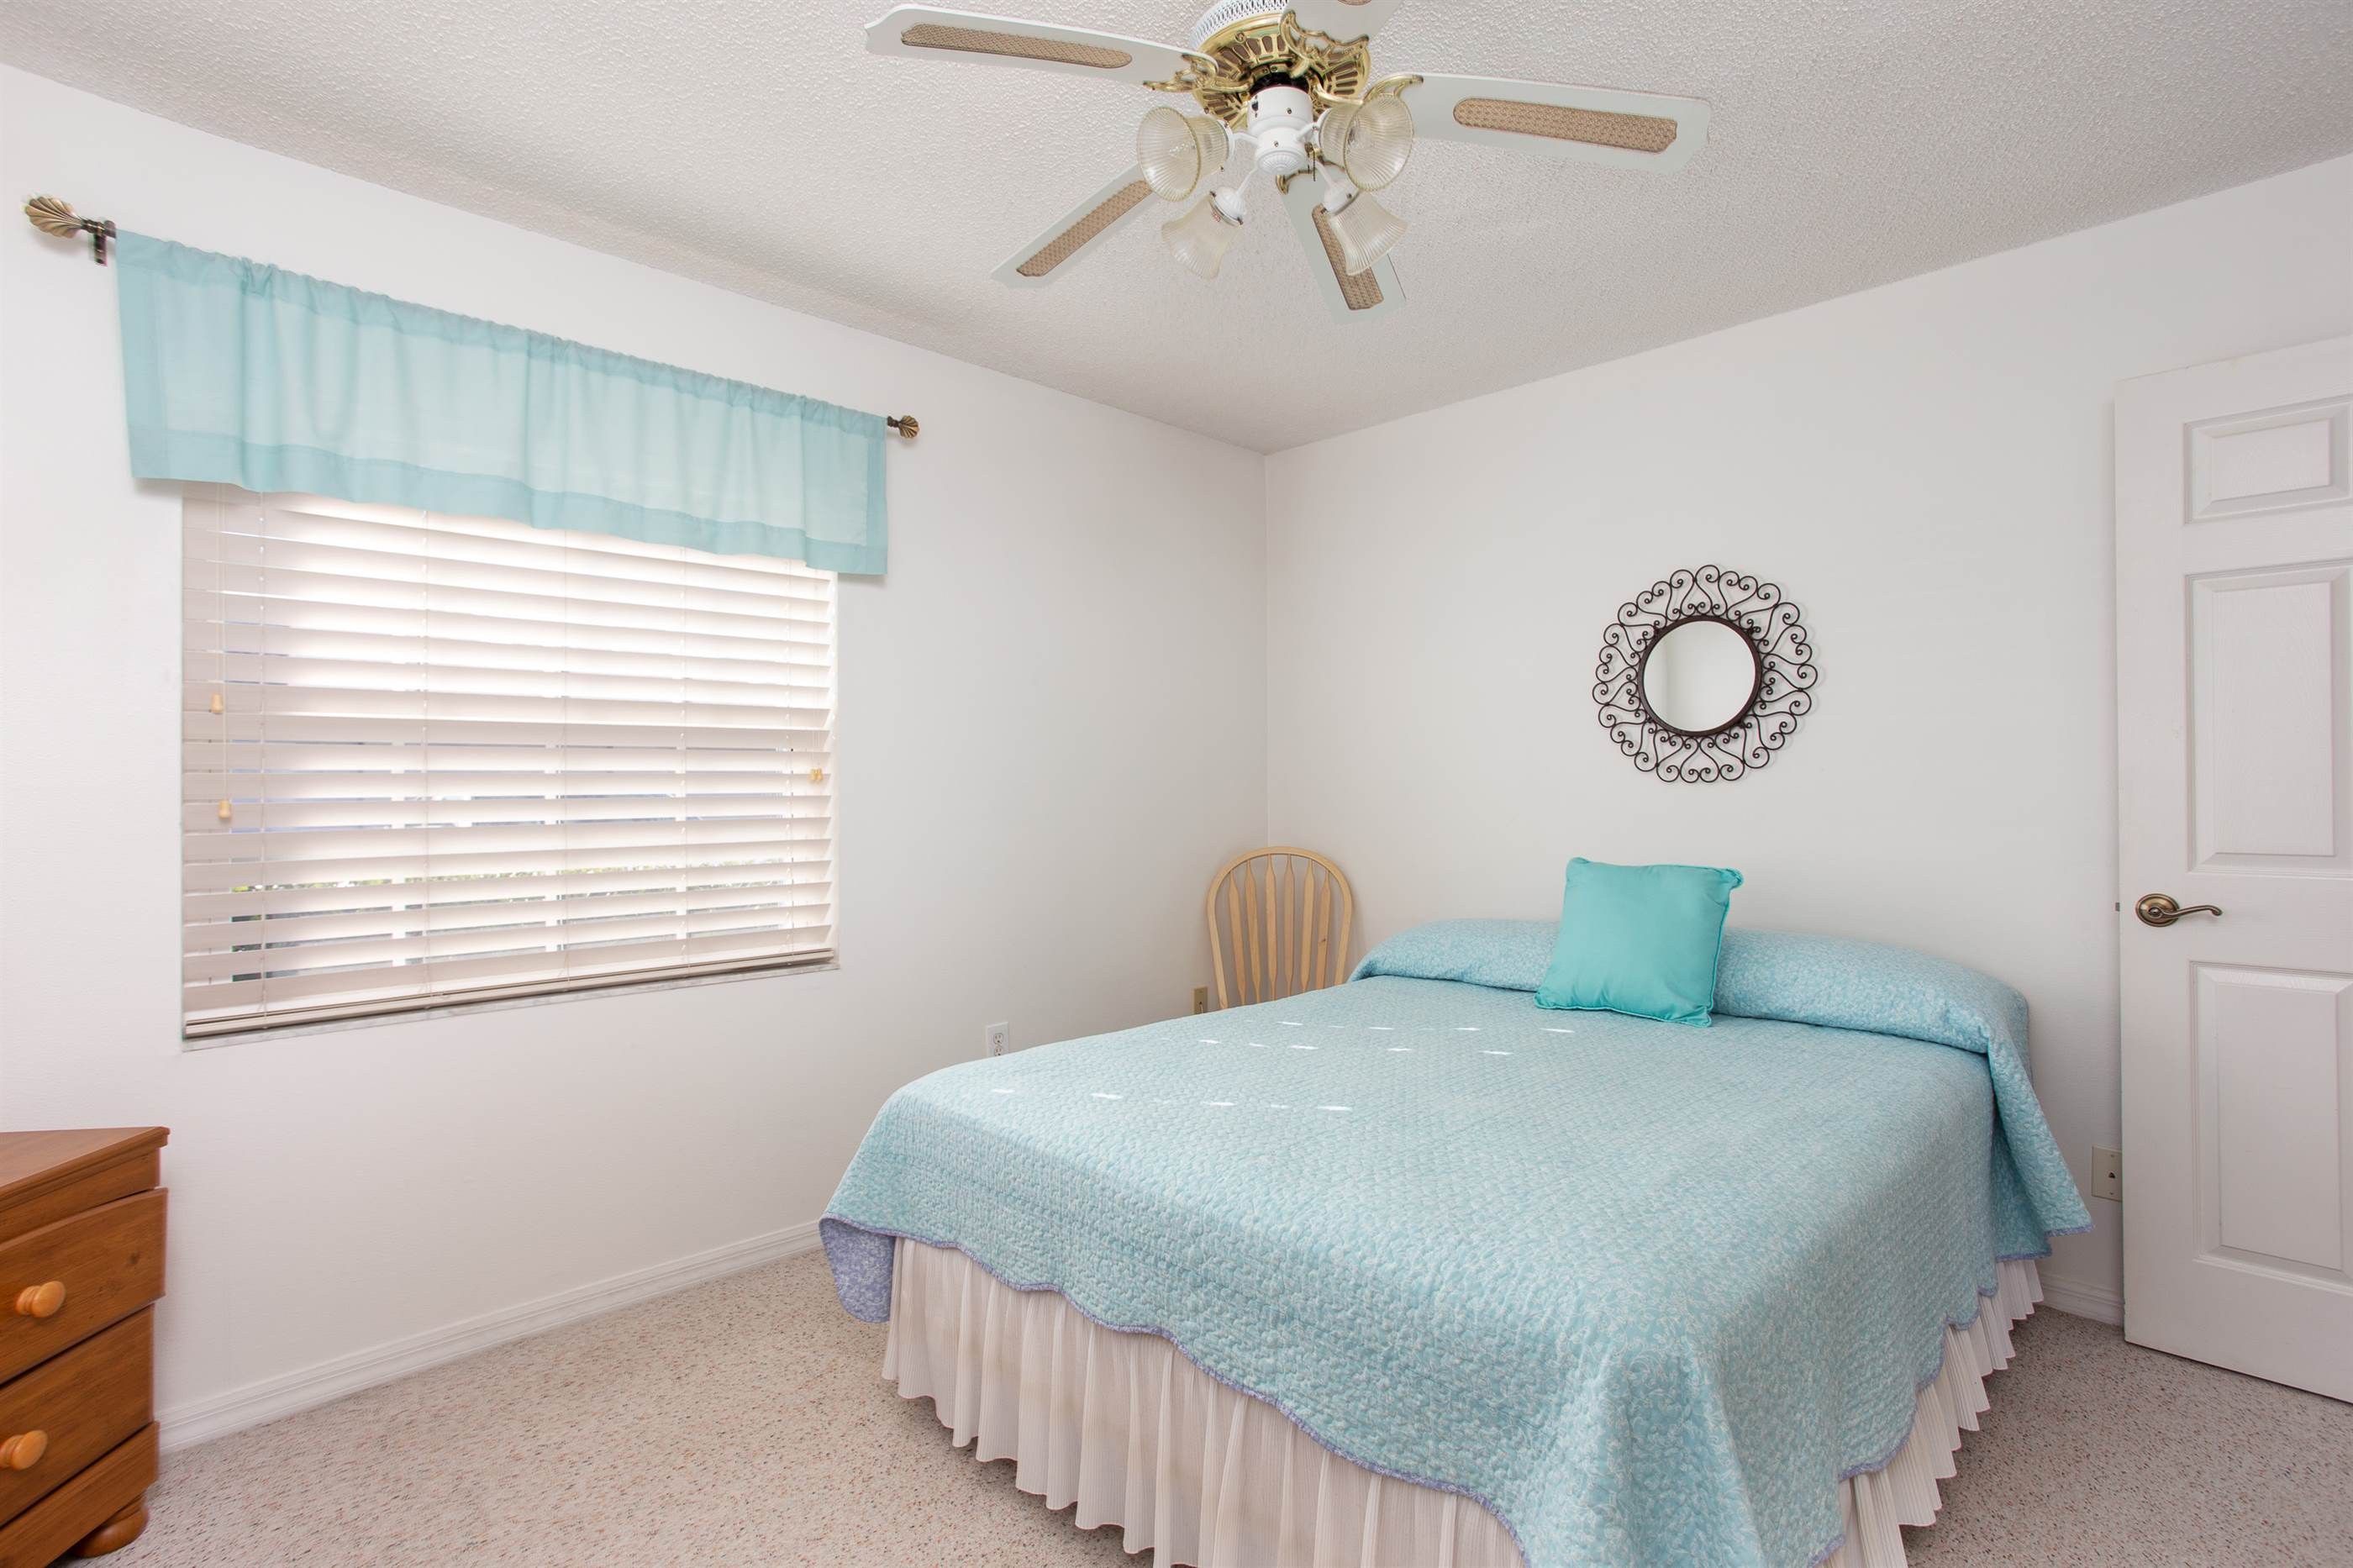 560 S Brevard Ave Unit 616, Cocoa Beach, FL 32931